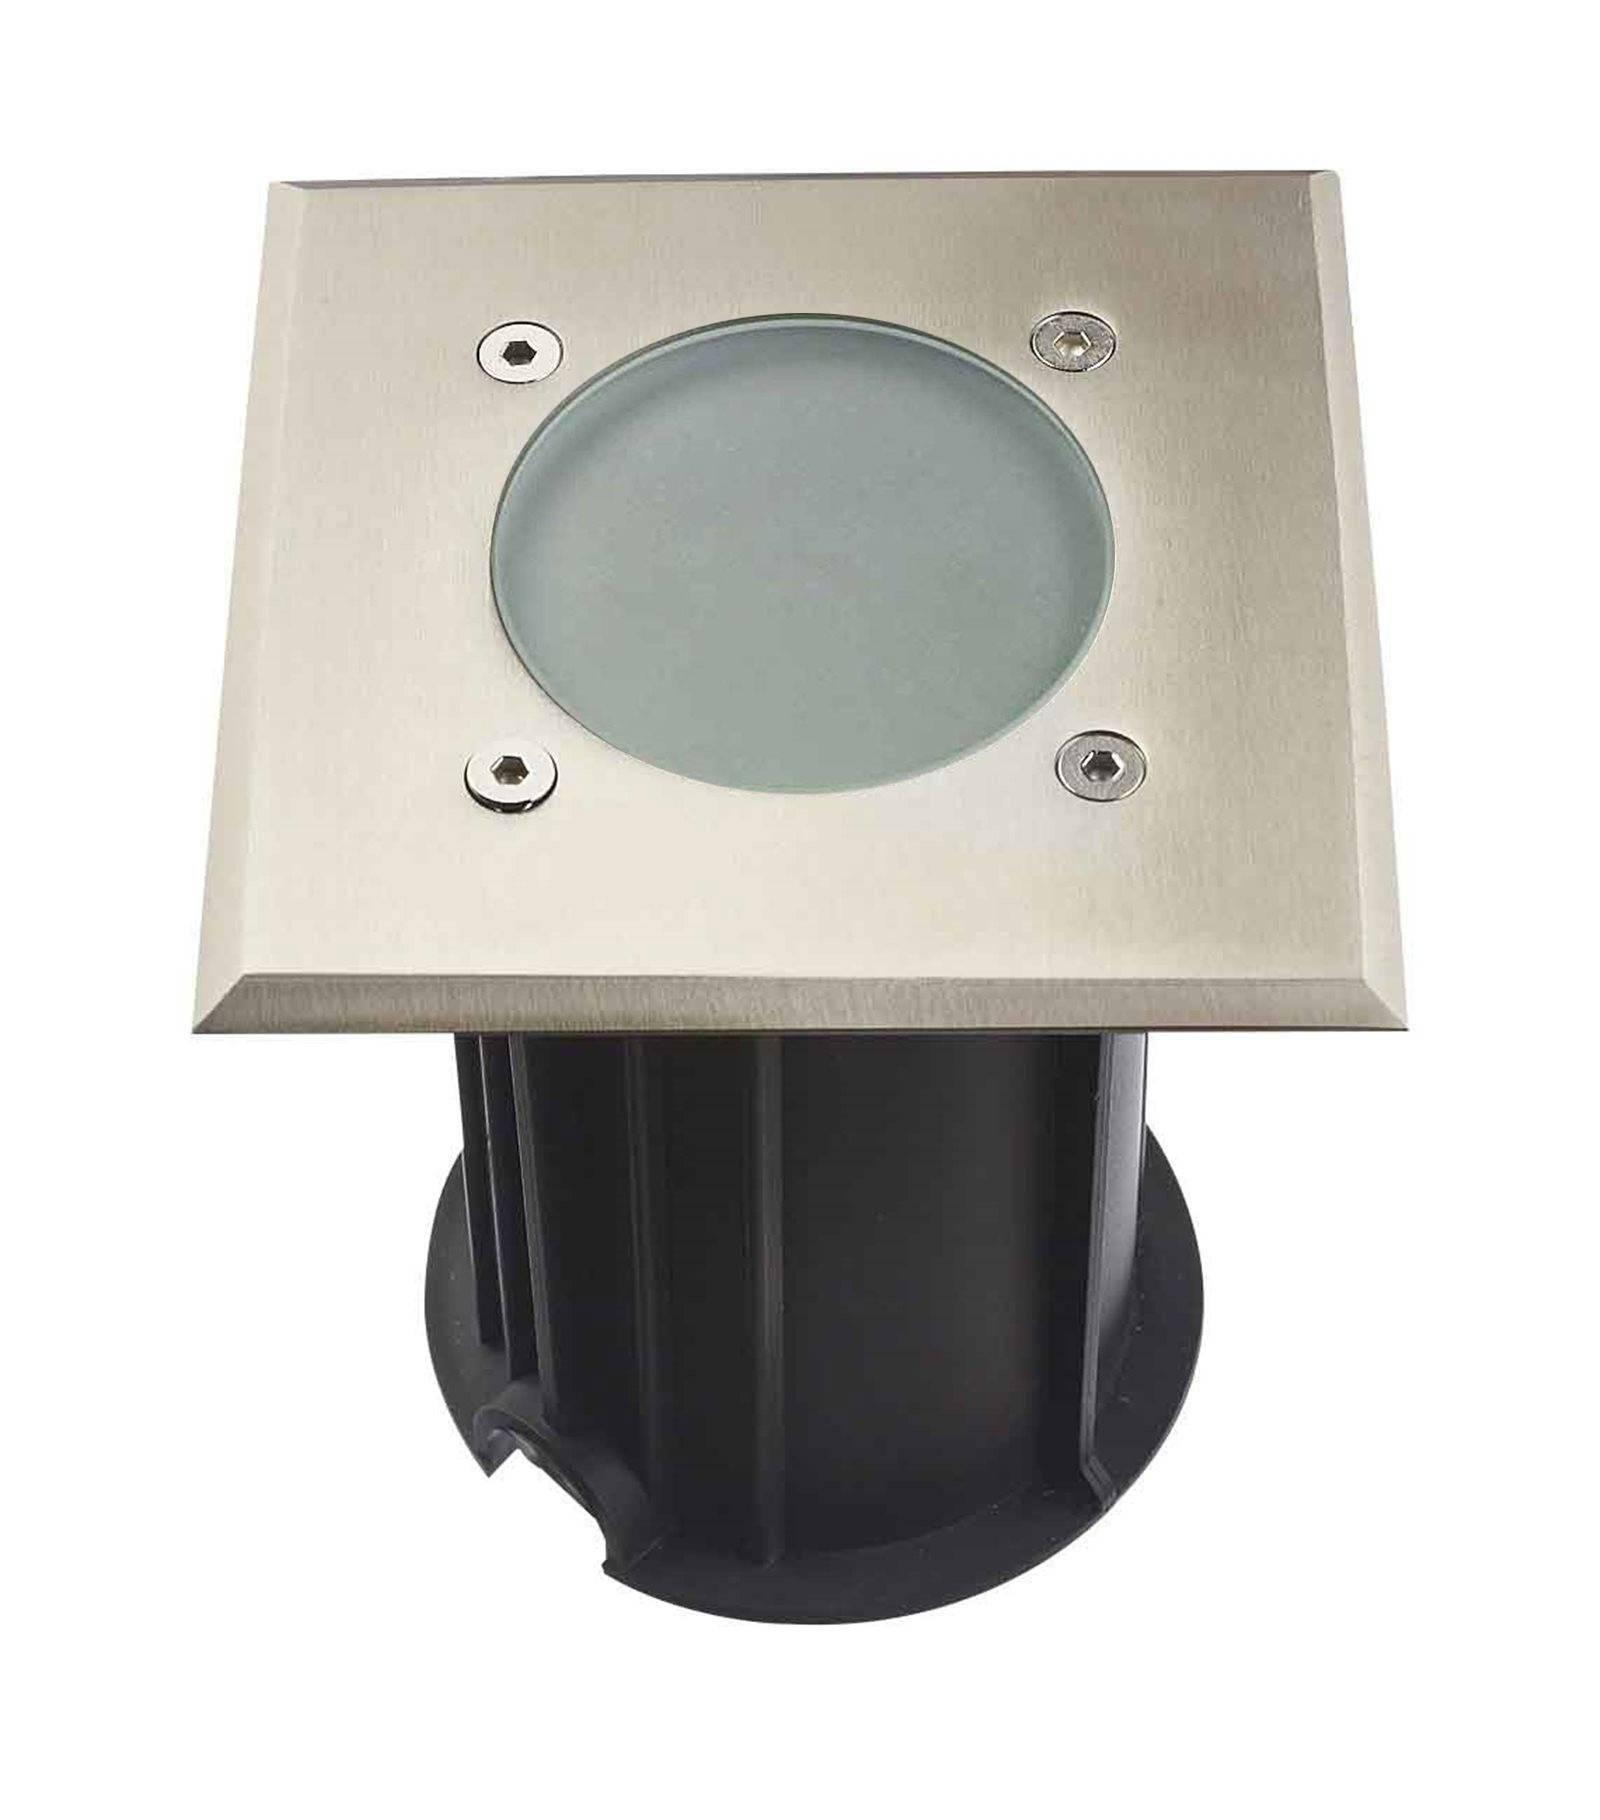 Hipow Spot encastrable Carré MIAMI Inox 316L (montage en série avec 2 presses étoupe) FROST GU10 220V IP67 HIPOW